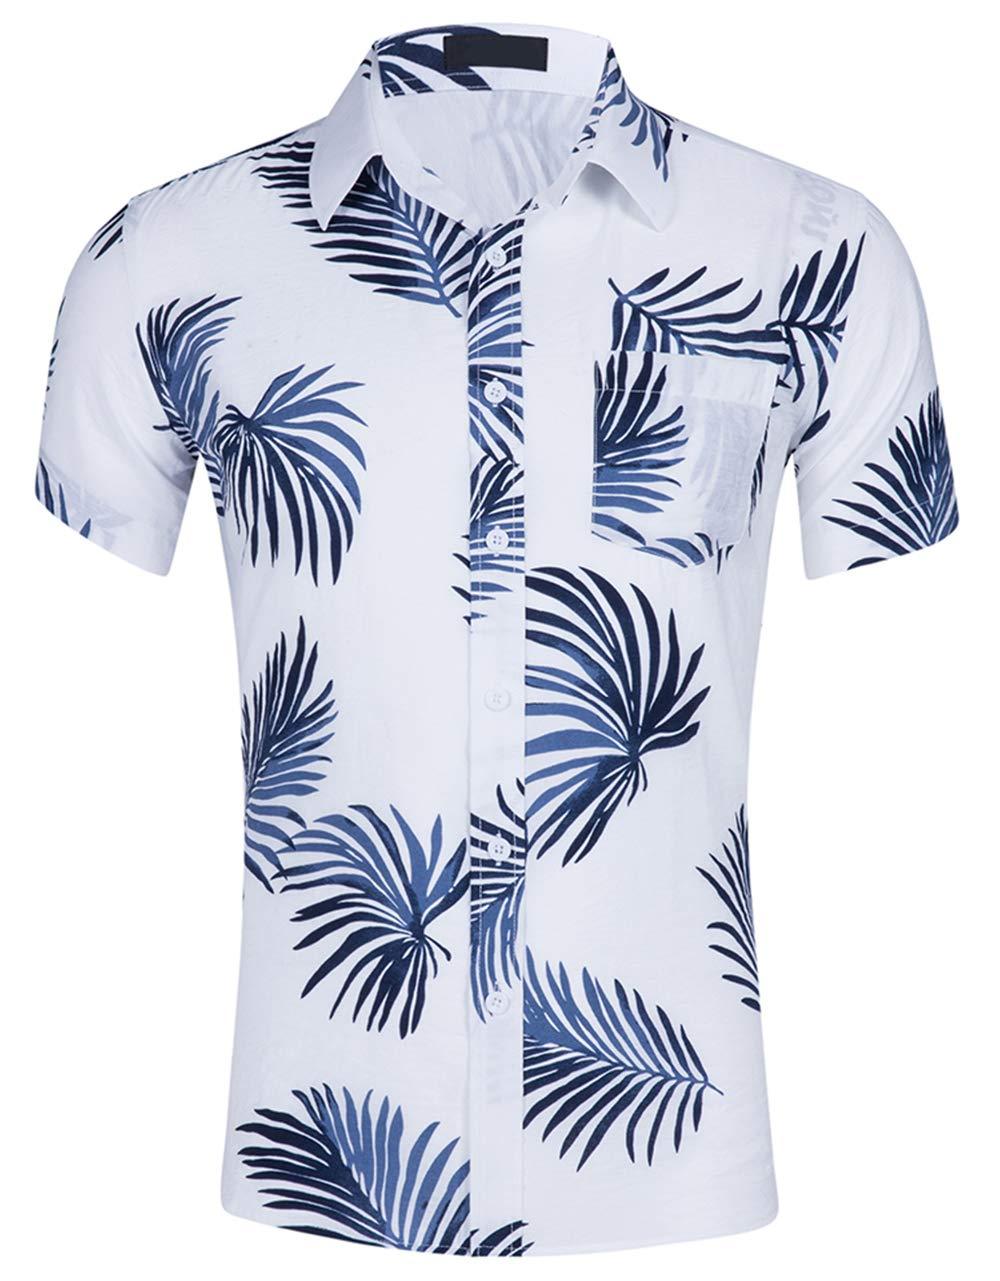 Cyparissus Men's Casual Button Down Shirt Cotton Hawaiian Shirt for Beach (M, White Blue Palm Leaves) by Cyparissus